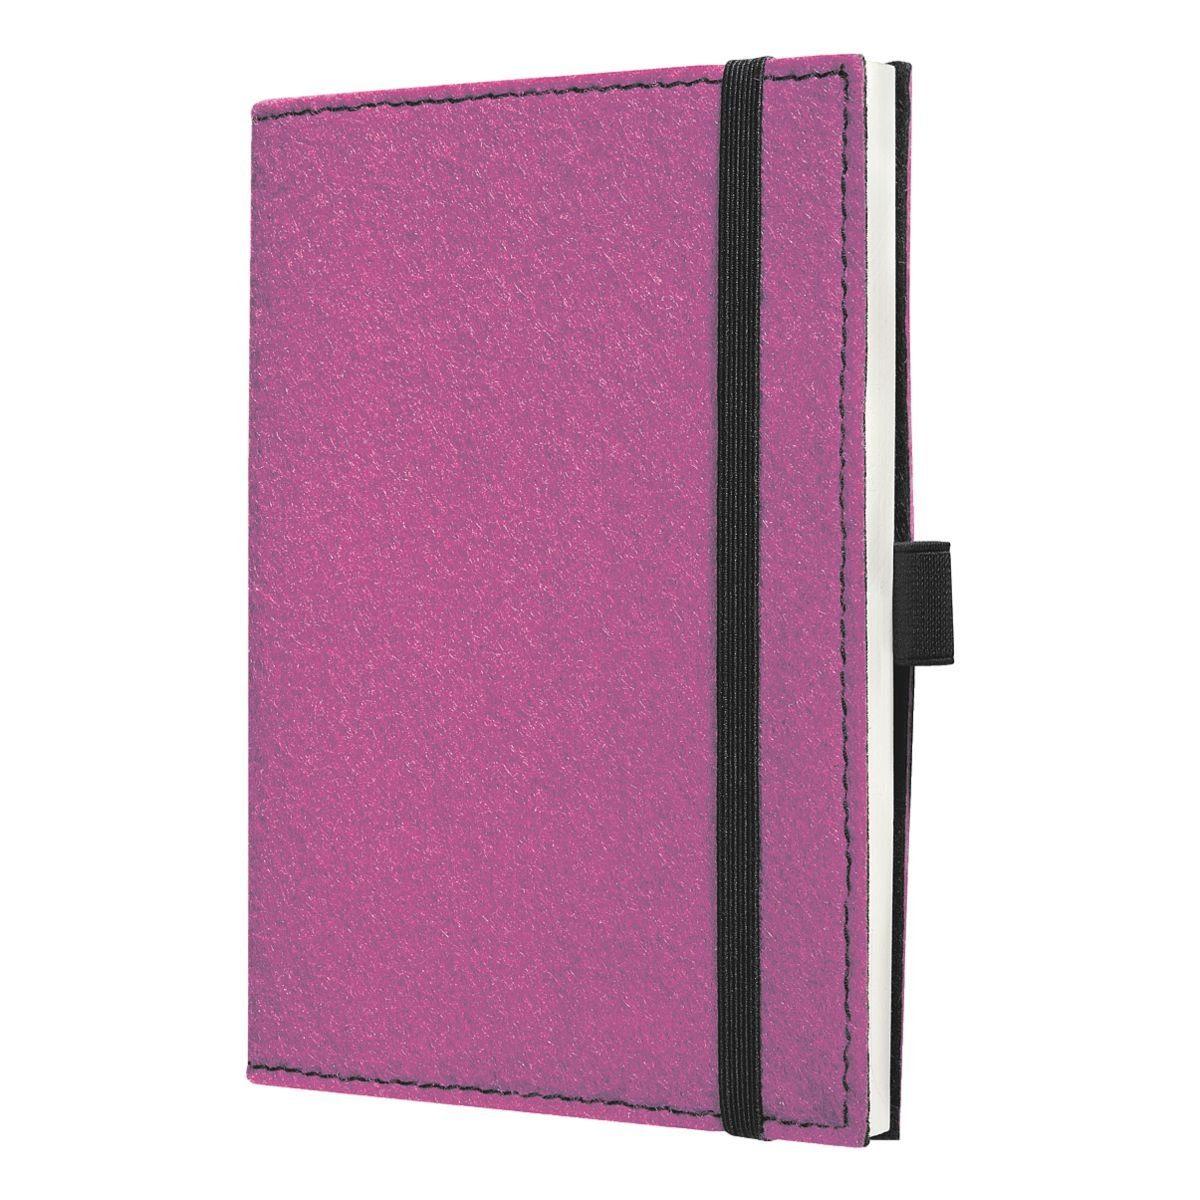 Sigel Notizbuch »Conceptum Pure Purple Passion«